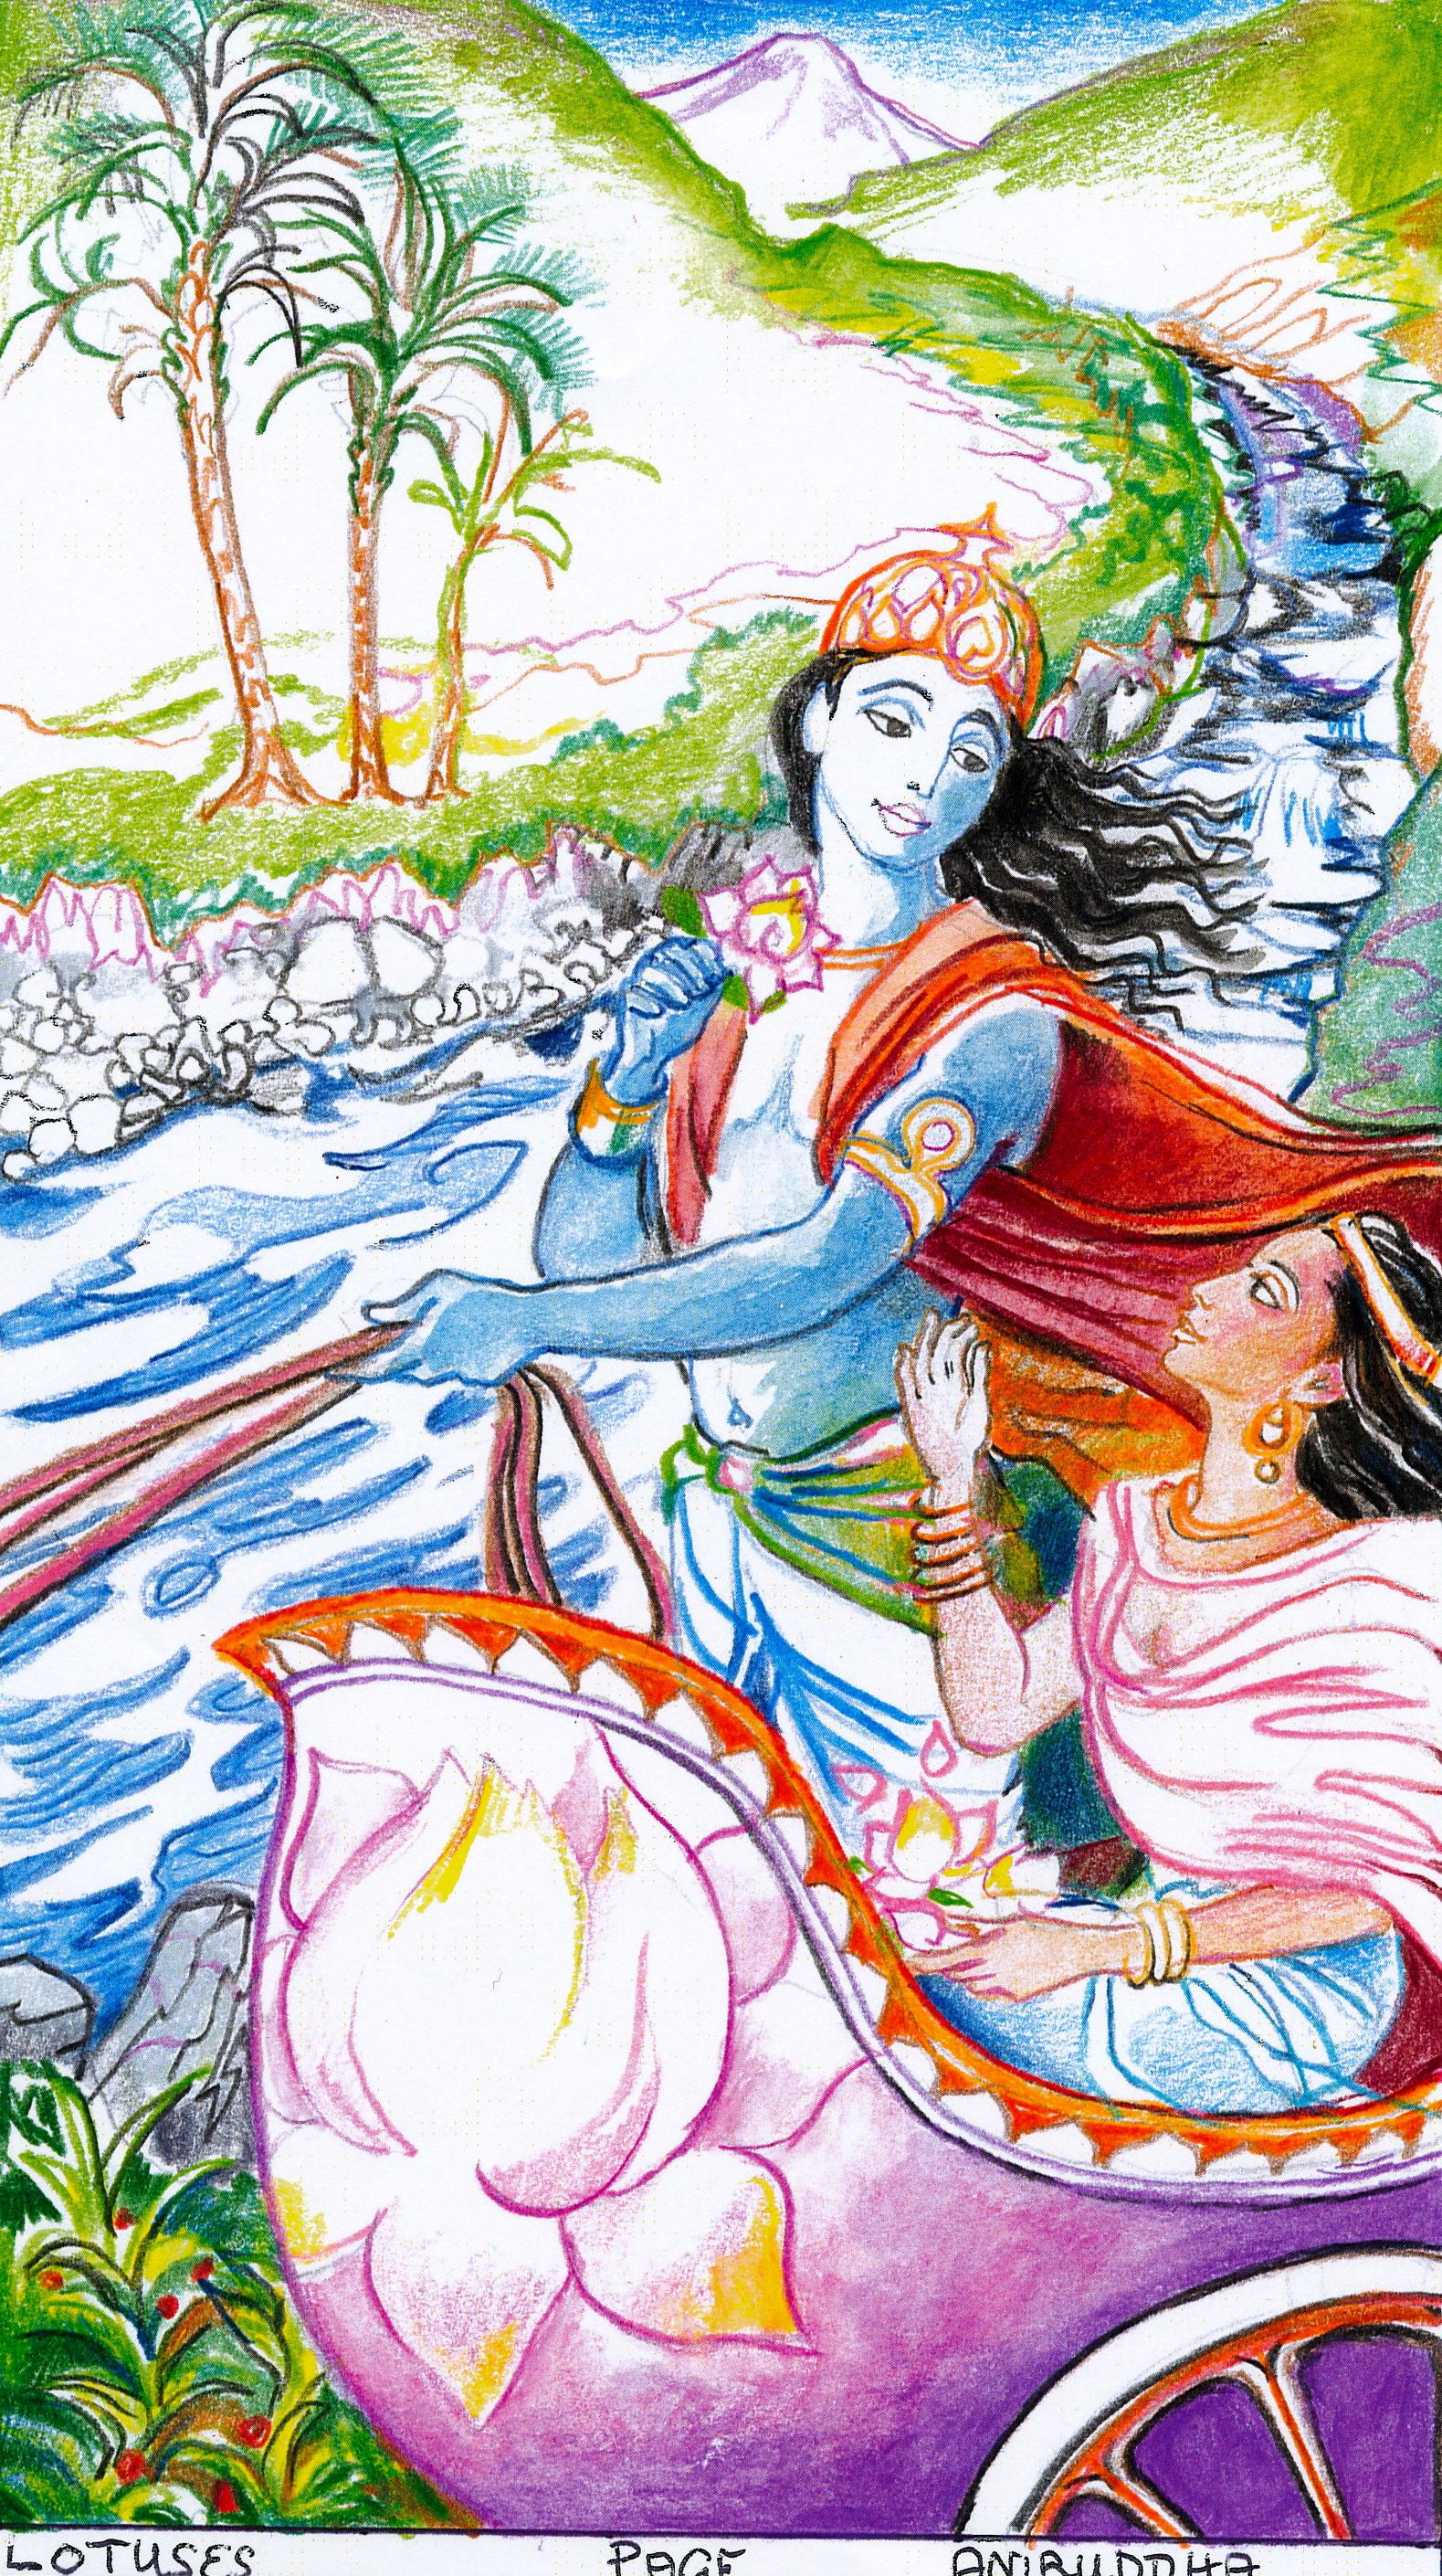 Sacred India Tarot Page Of Lotuses